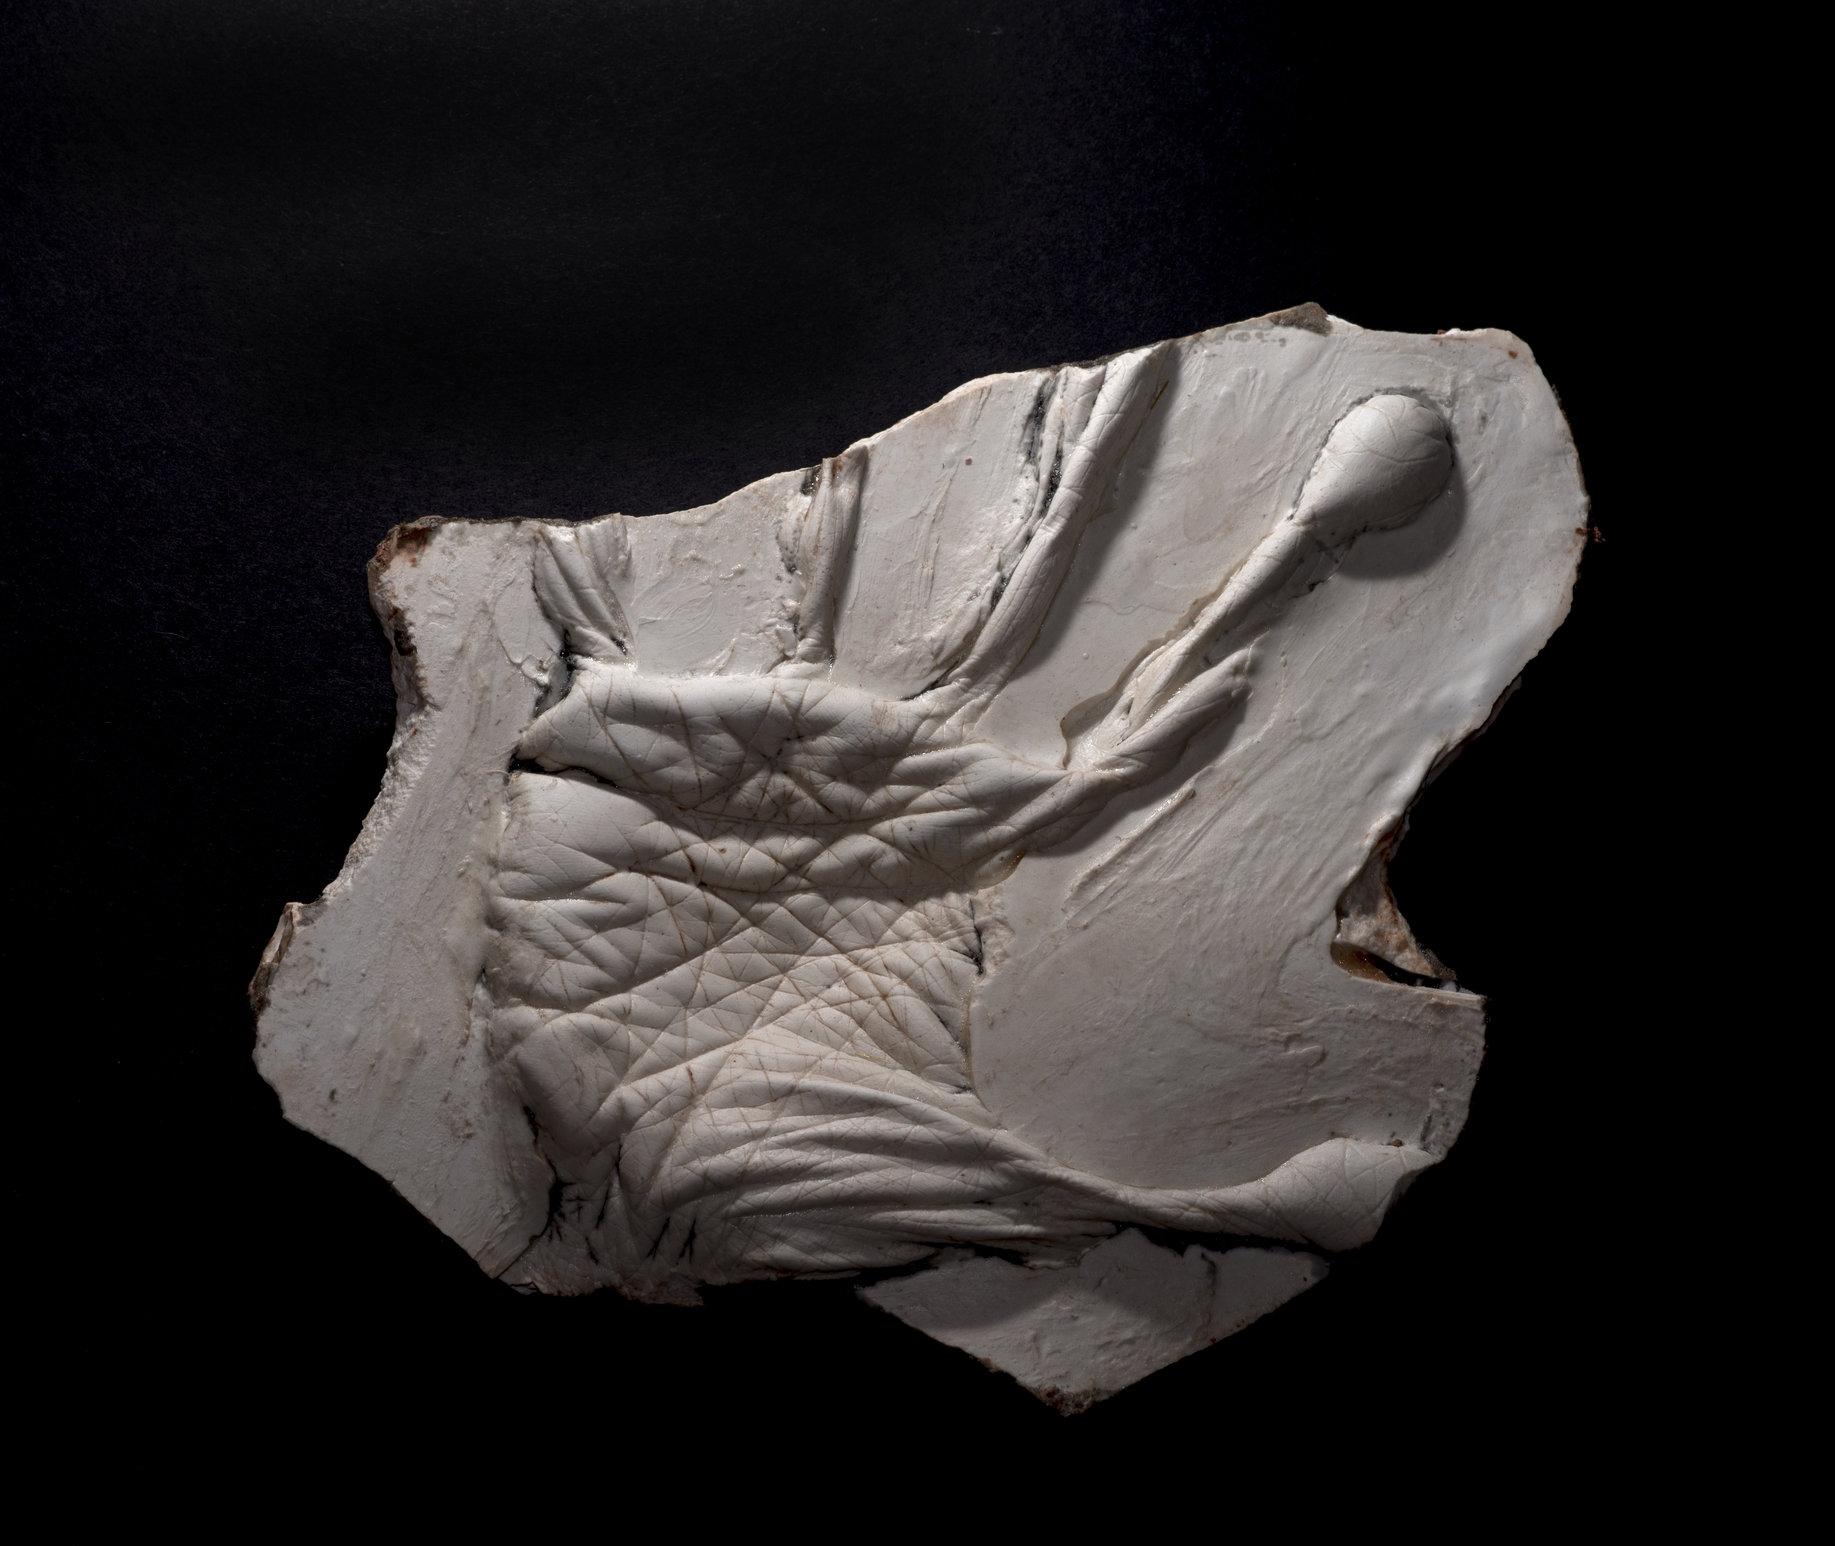 Wendy Richmond hand sculpture fossil